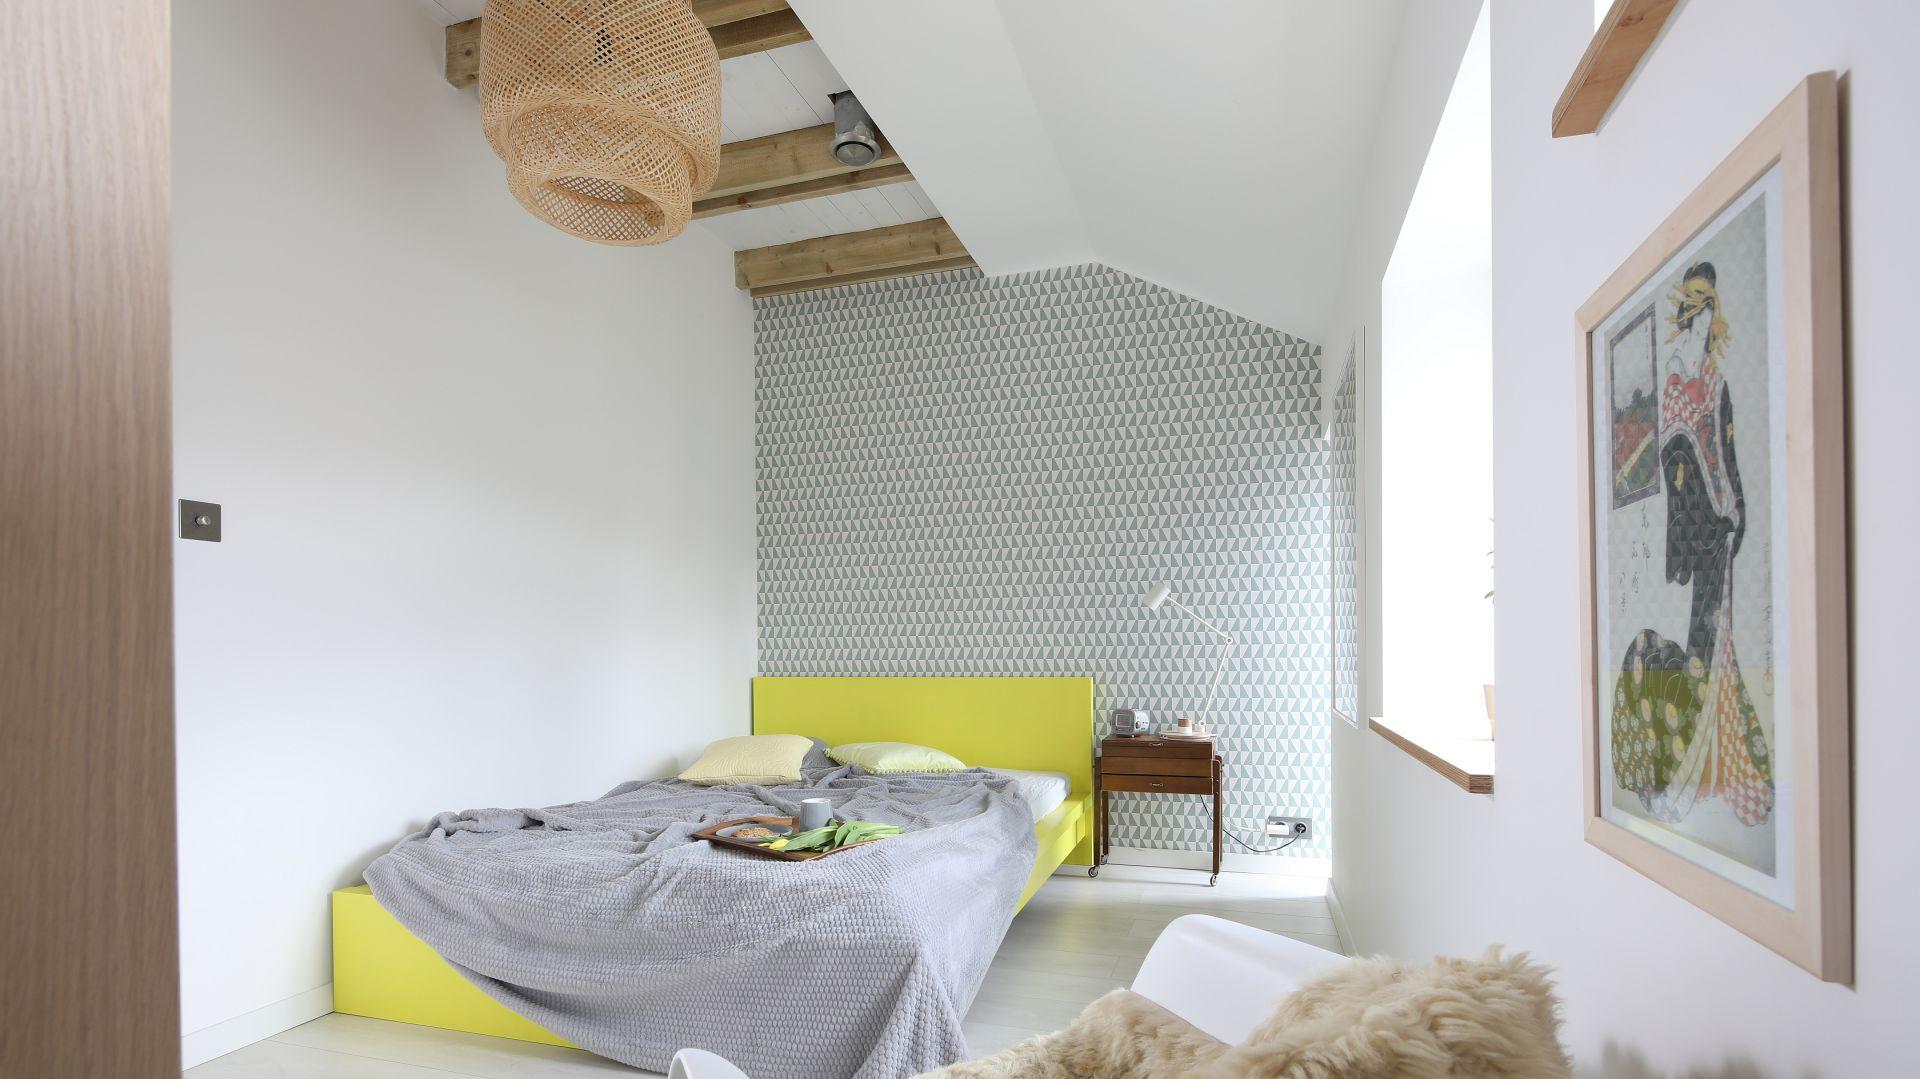 Ściana za łóżkiem. Projekt: Małgorzata Przybyła, Dawid Czyż. Fot. Bartosz Jarosz